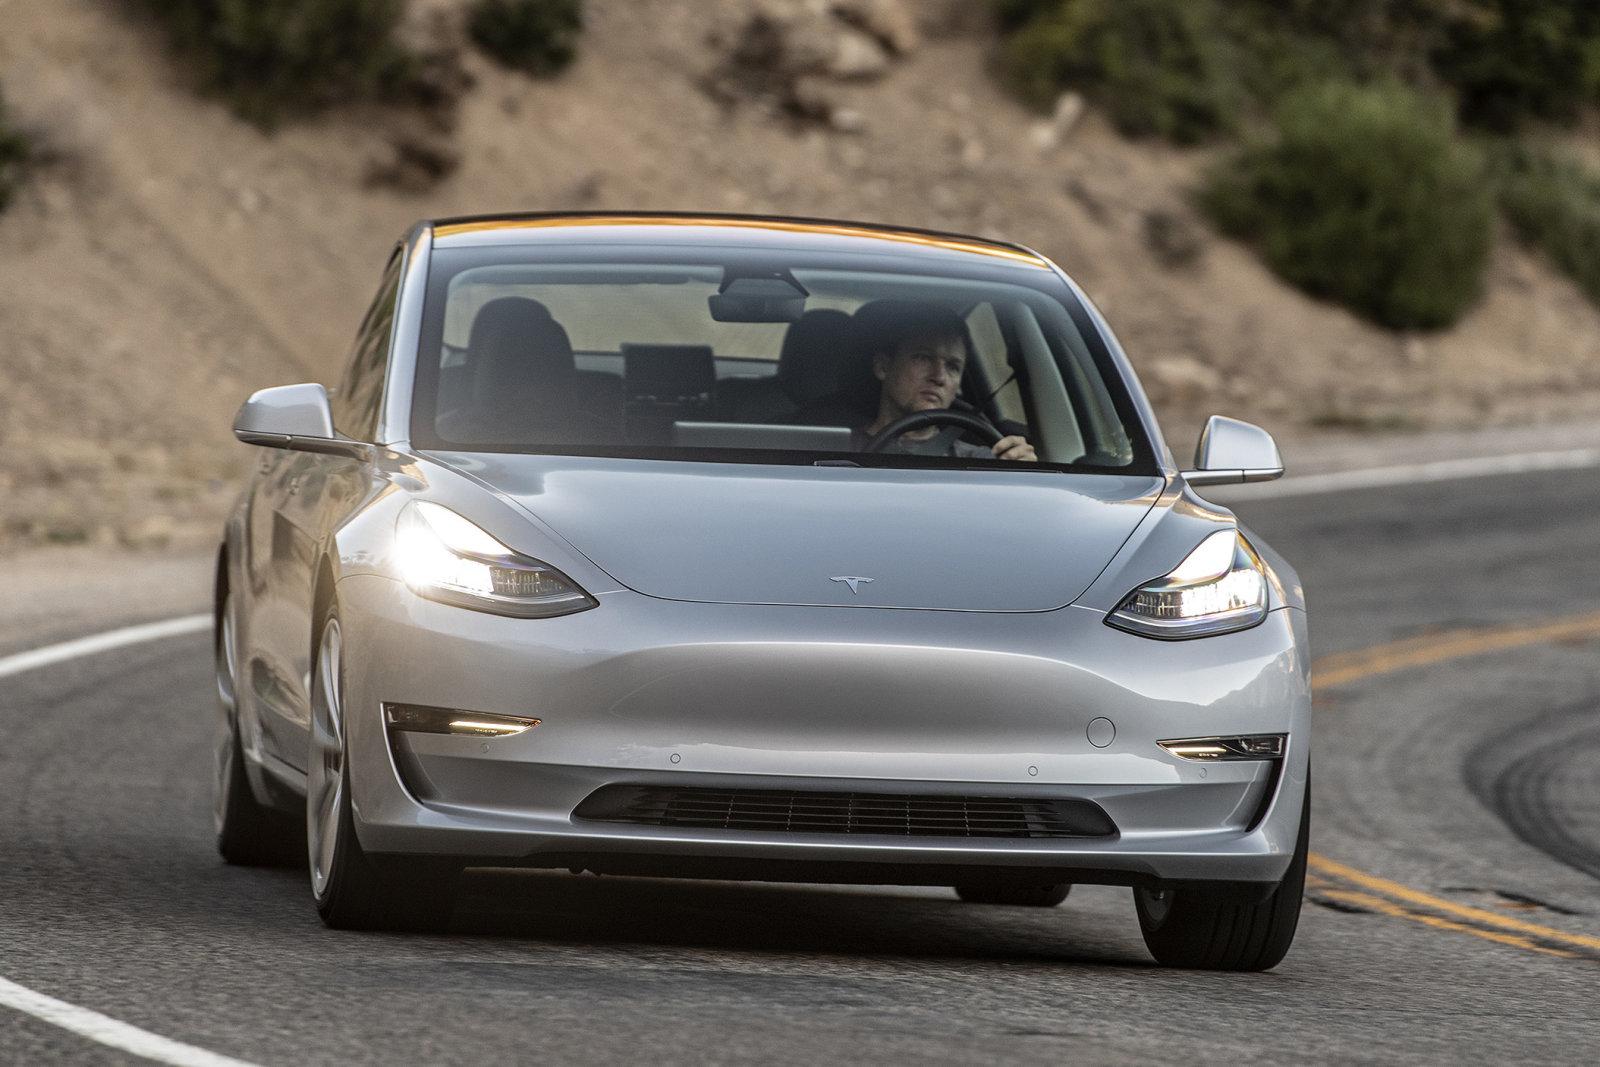 Хакеры показали, как взломать Tesla Model Sприбором за600 долларов